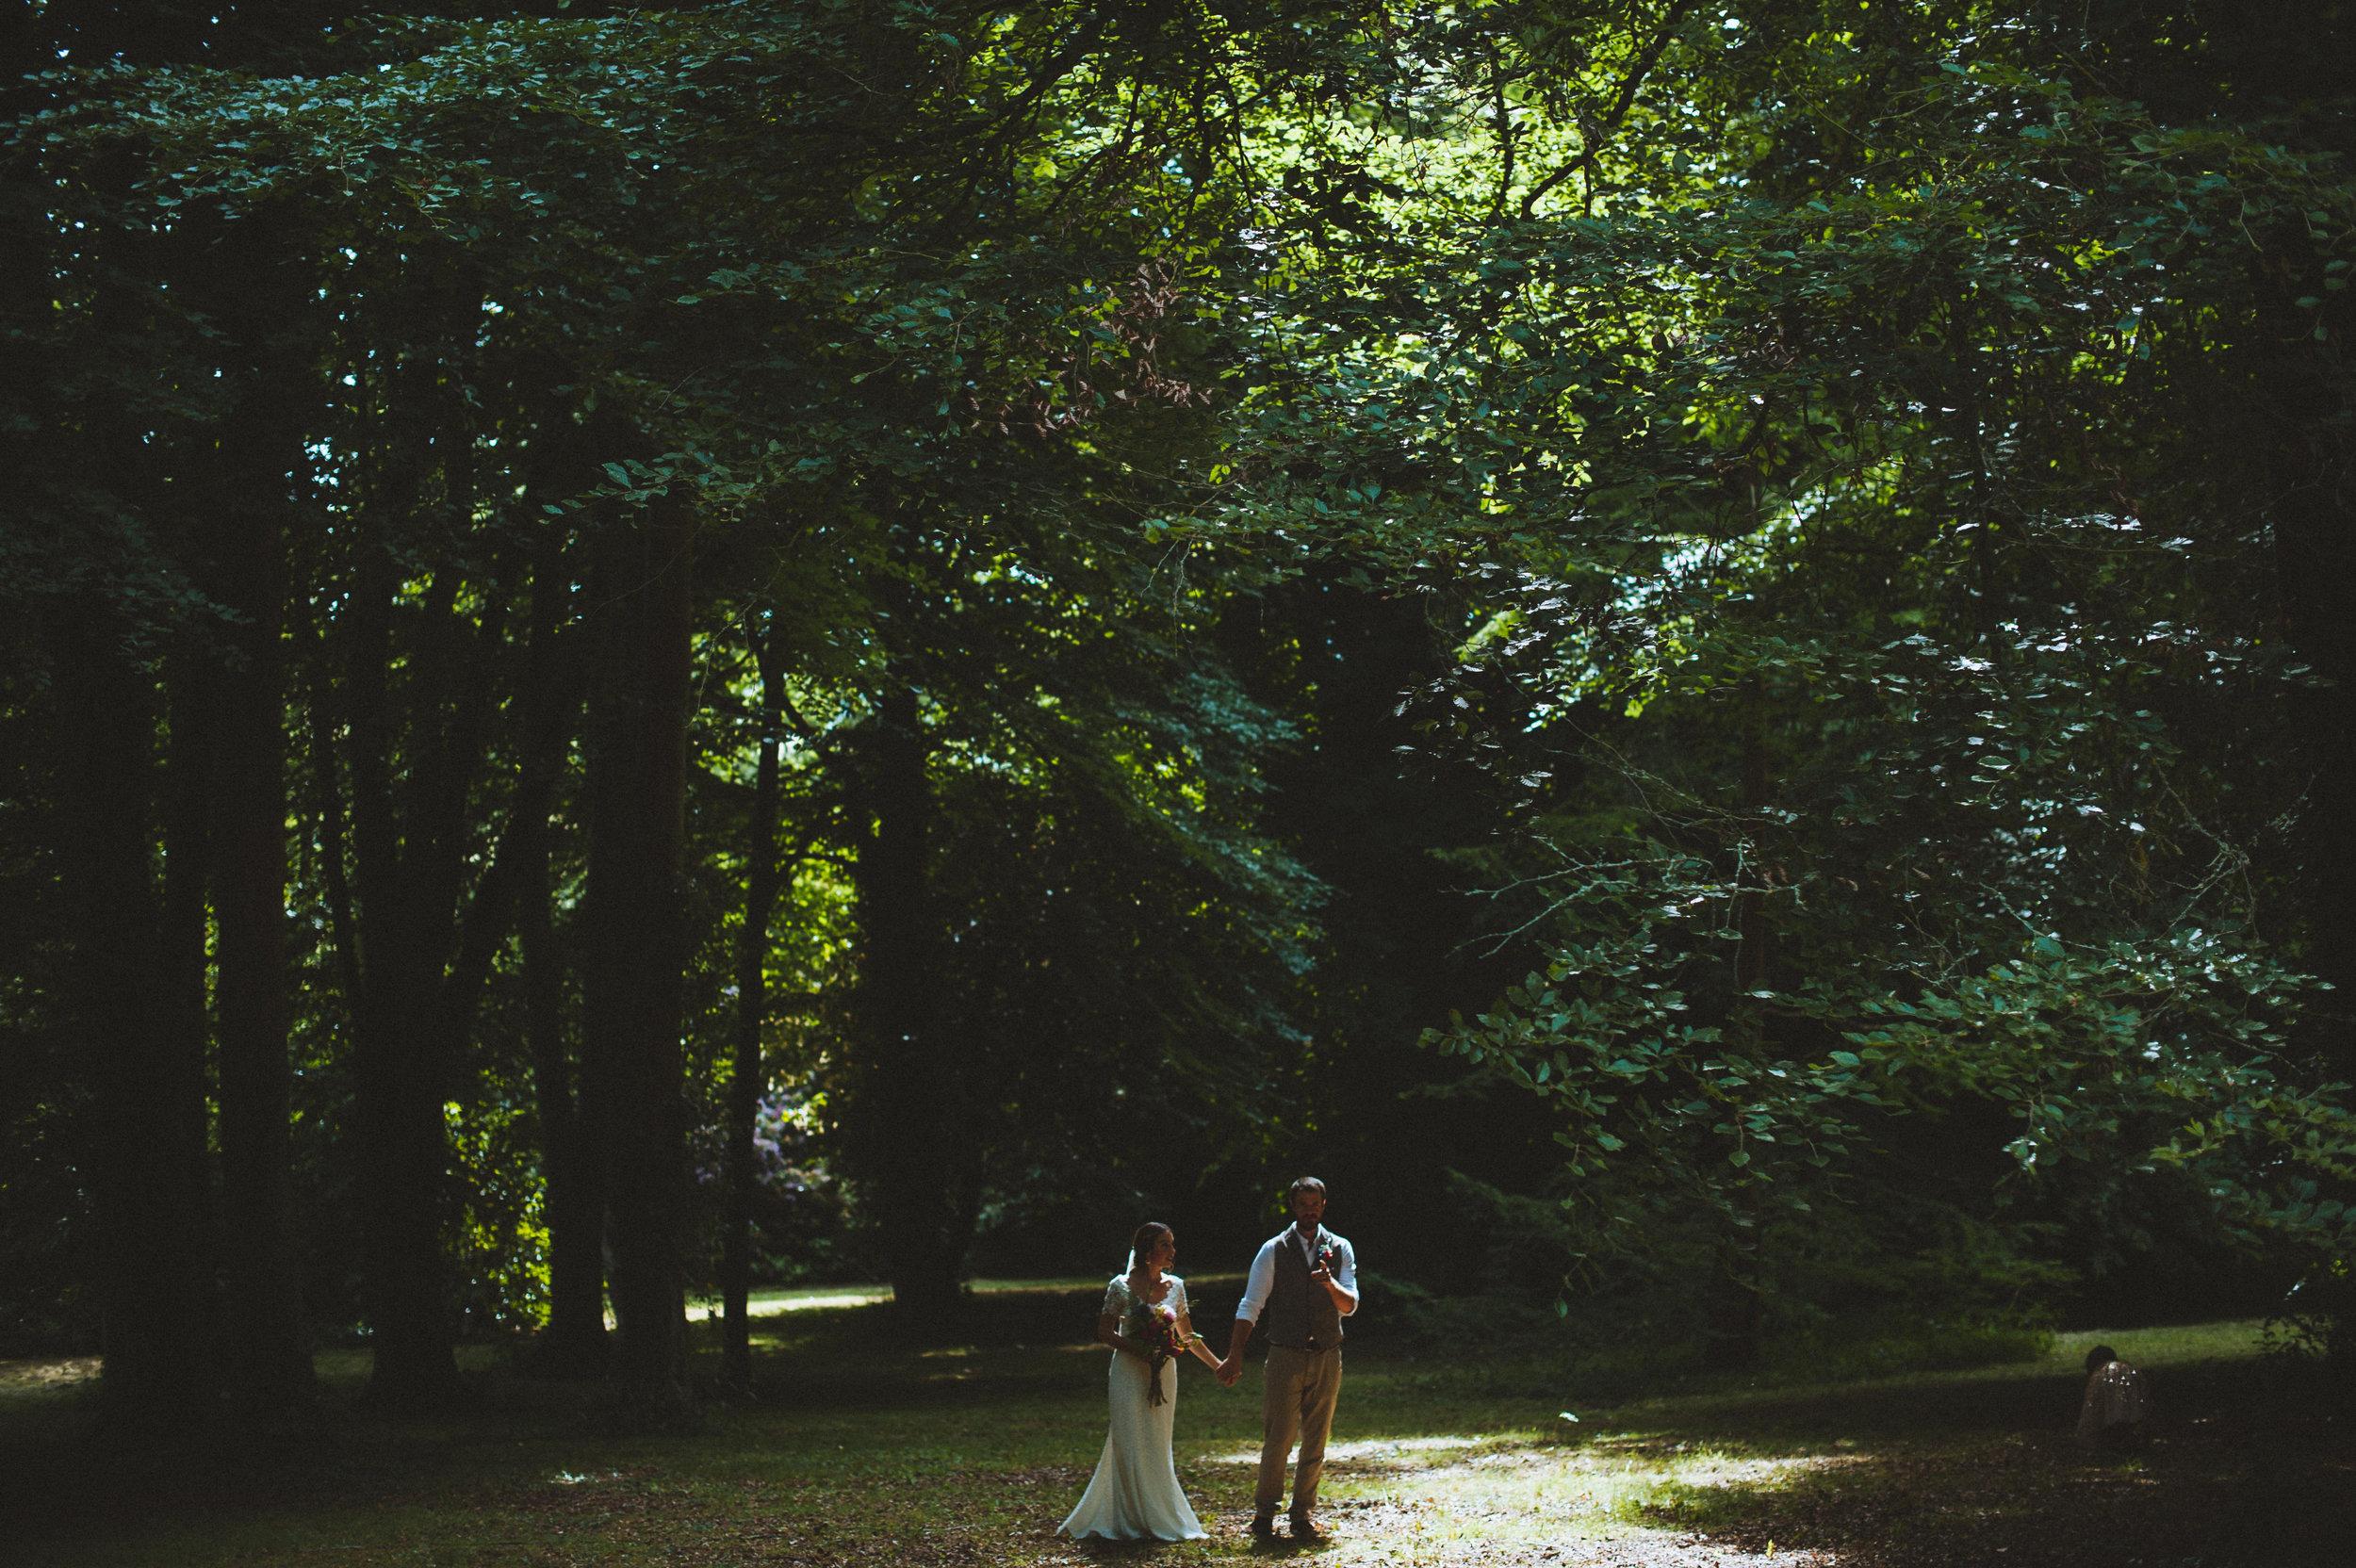 powderham castle wedding 23.jpg